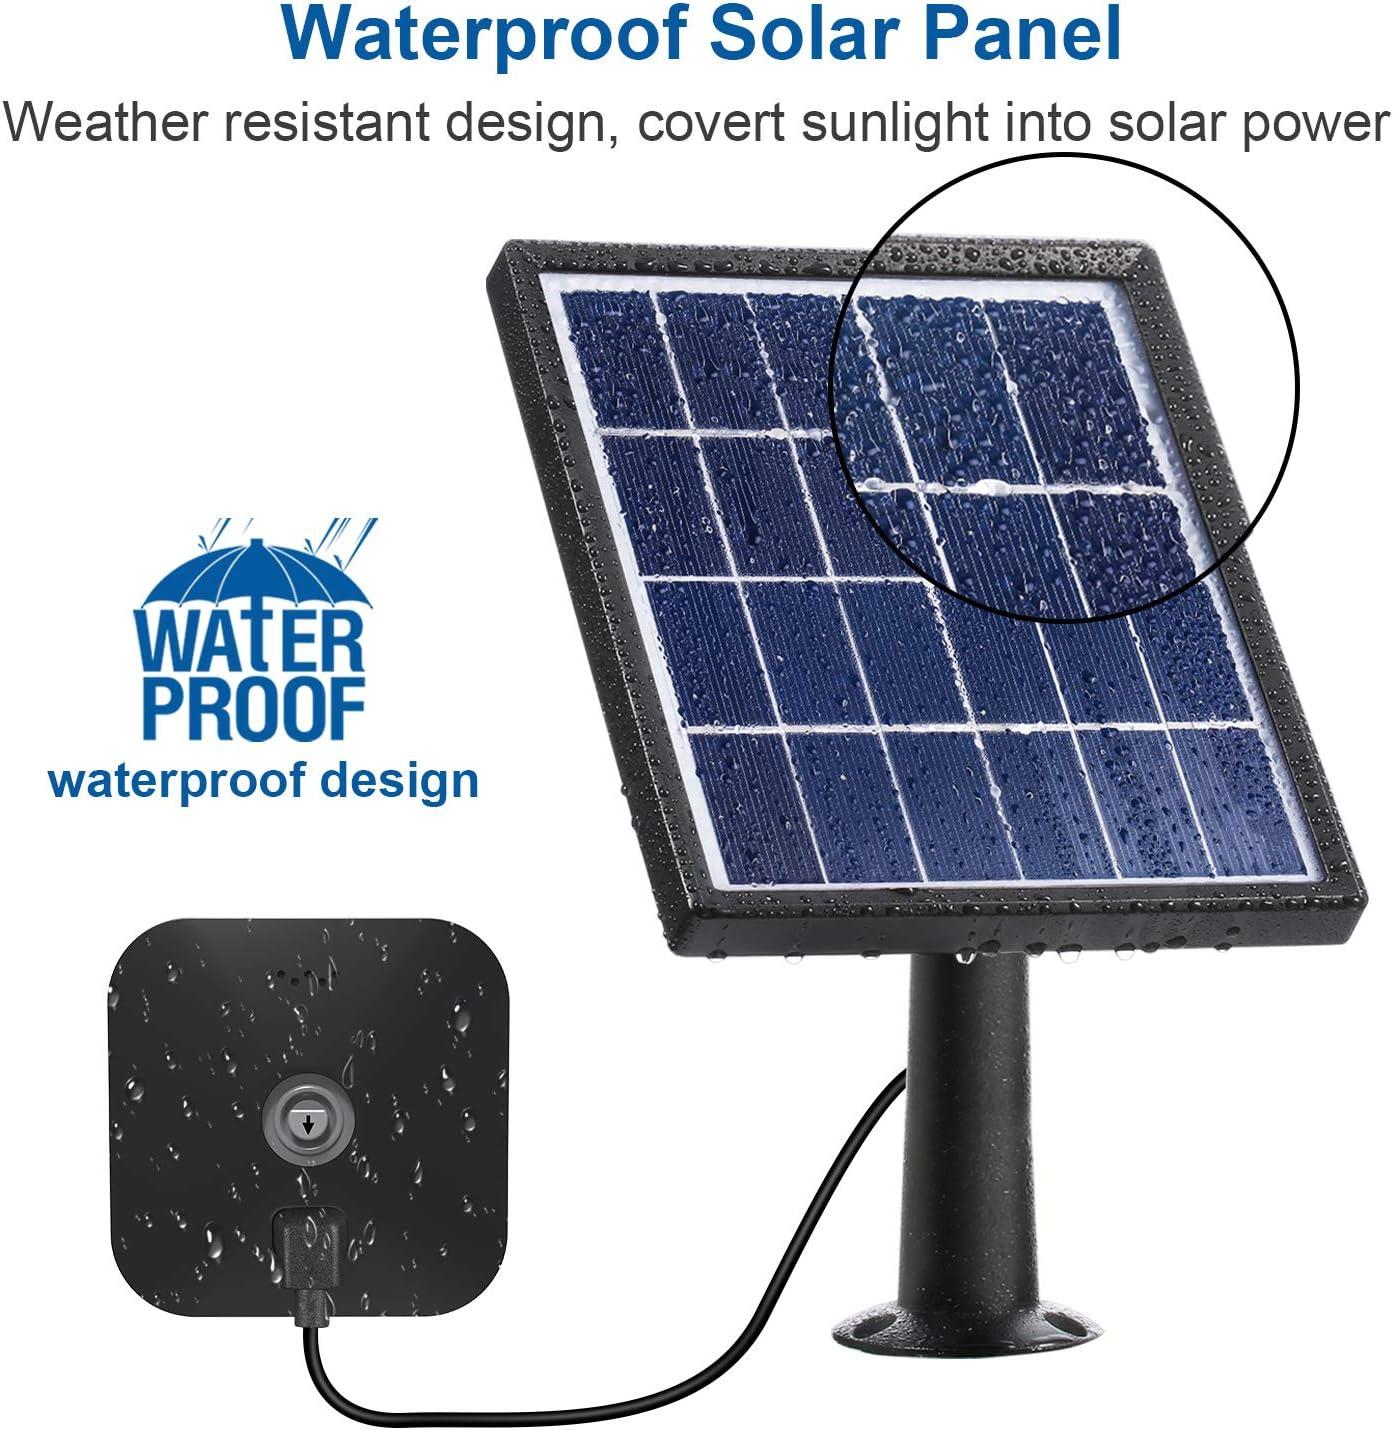 Solar Panel Energieversorgung Kompatibel Mit Innen Und Außen Blink Xt Überwachungskamera Wasserdicht Einstellbare Halterung Kontinuierliche Energieversorgung 12 Fuß 3 6 M Kabel Schwarz Baumarkt